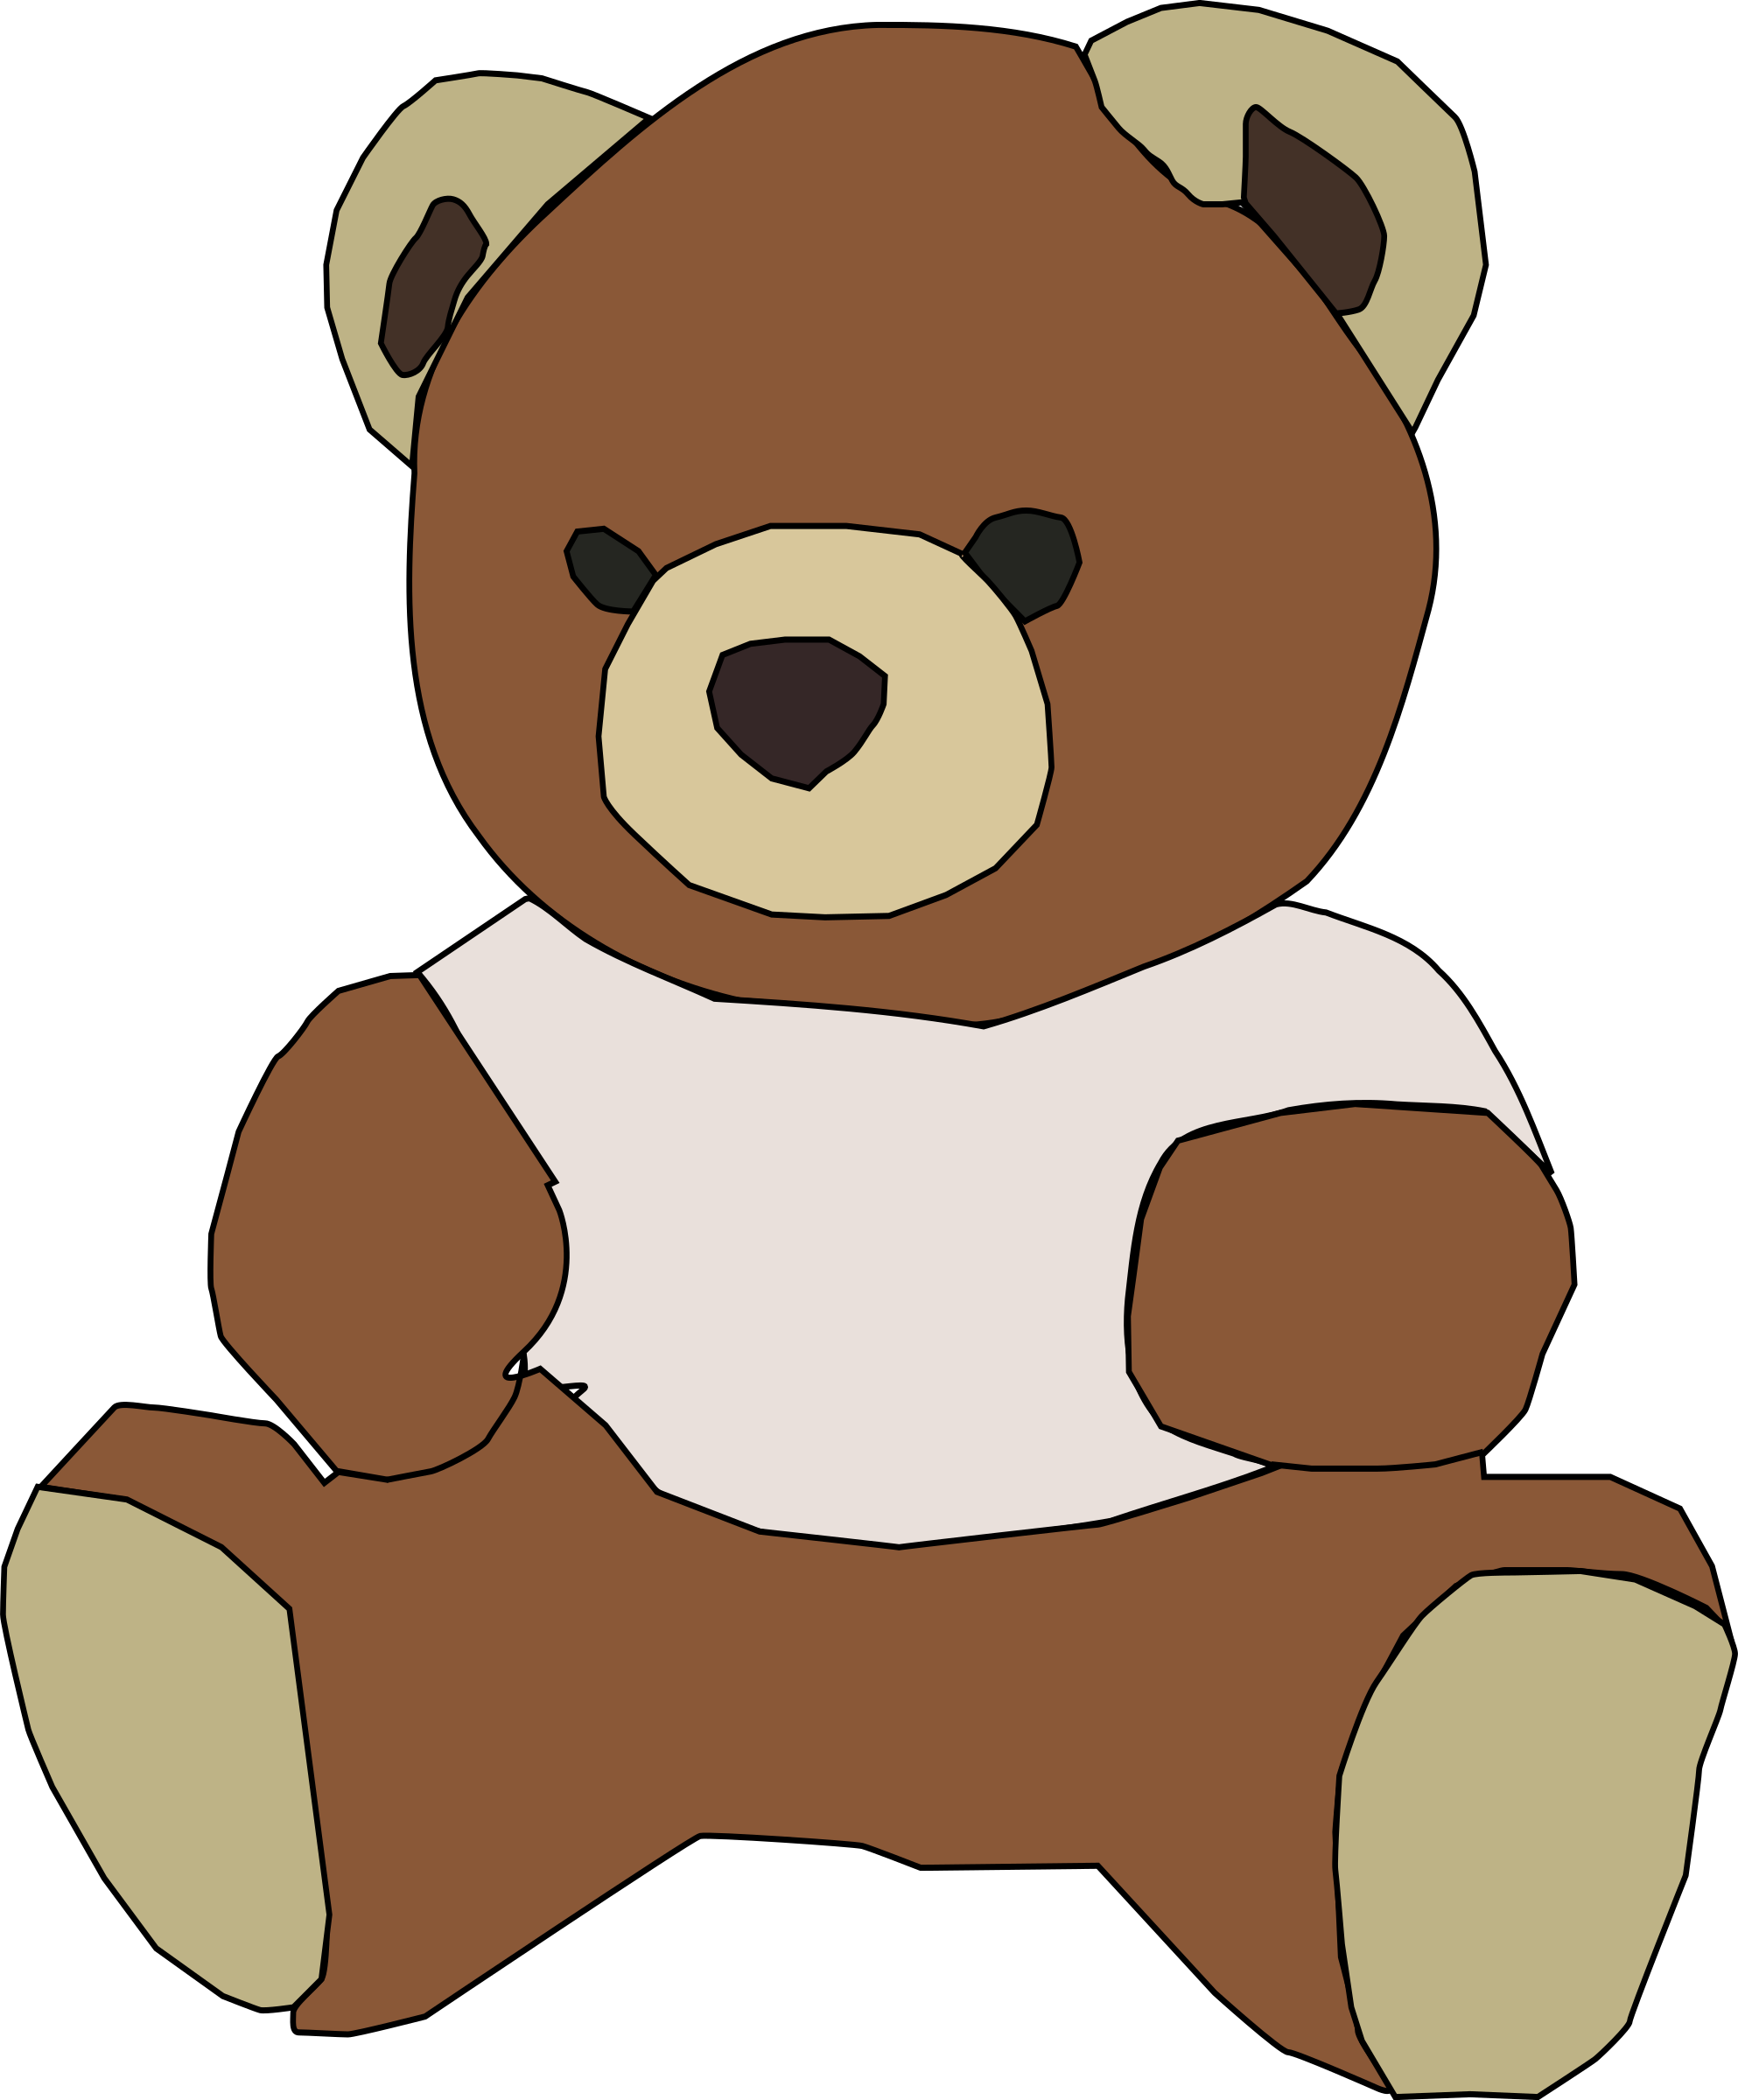 Christmas teddy bear clipart clipart freeuse Clipart - teddy bear clipart freeuse